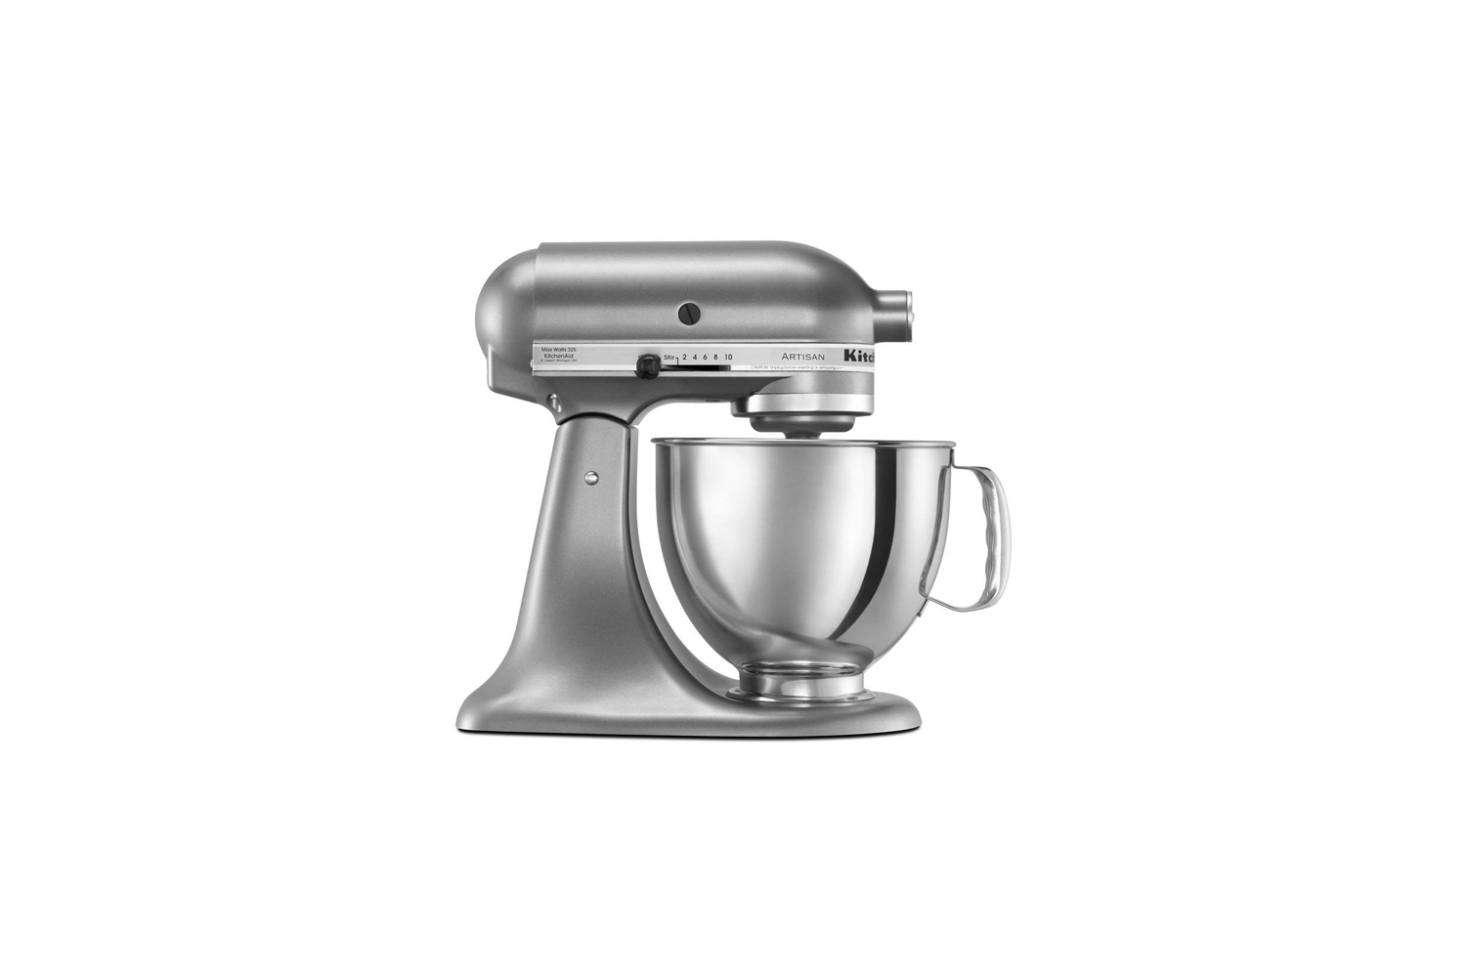 The KitchenAid Artisan Series 5 Quart Stand Mixer is $9.96 on Amazon.